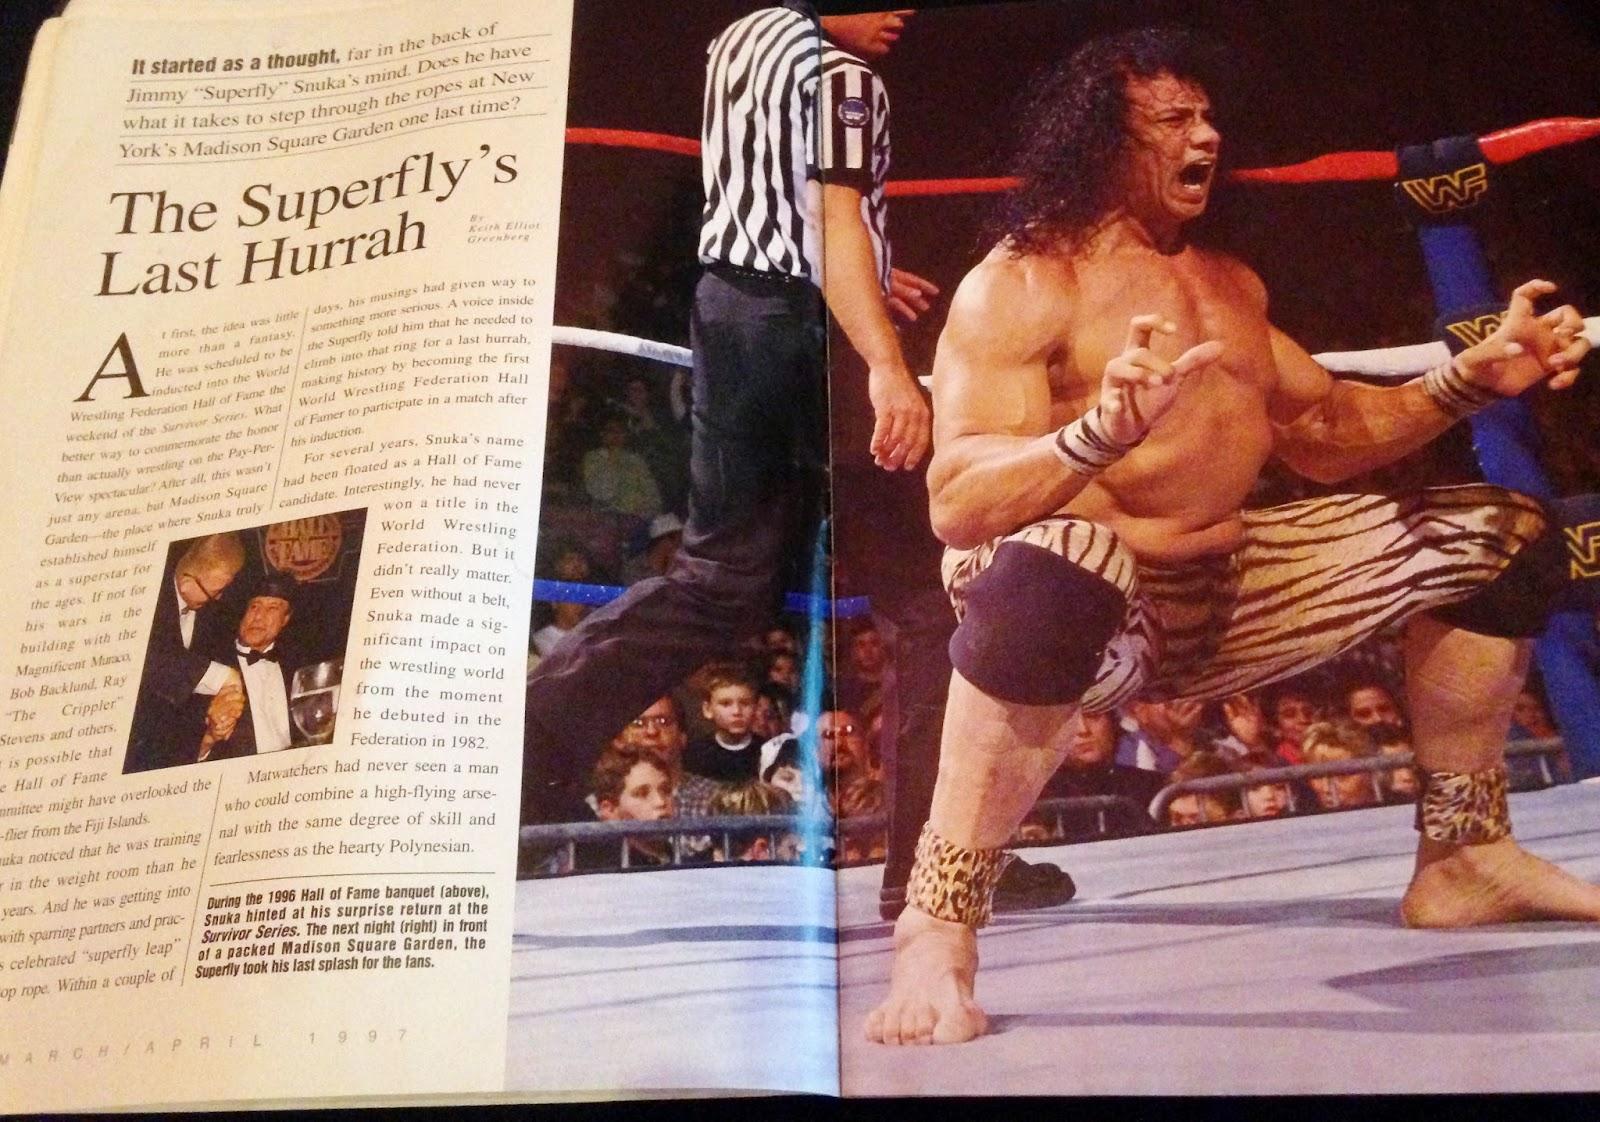 WWE - WWF RAW MAGAZINE 1997: Jimmy Snuka's last hoorah!